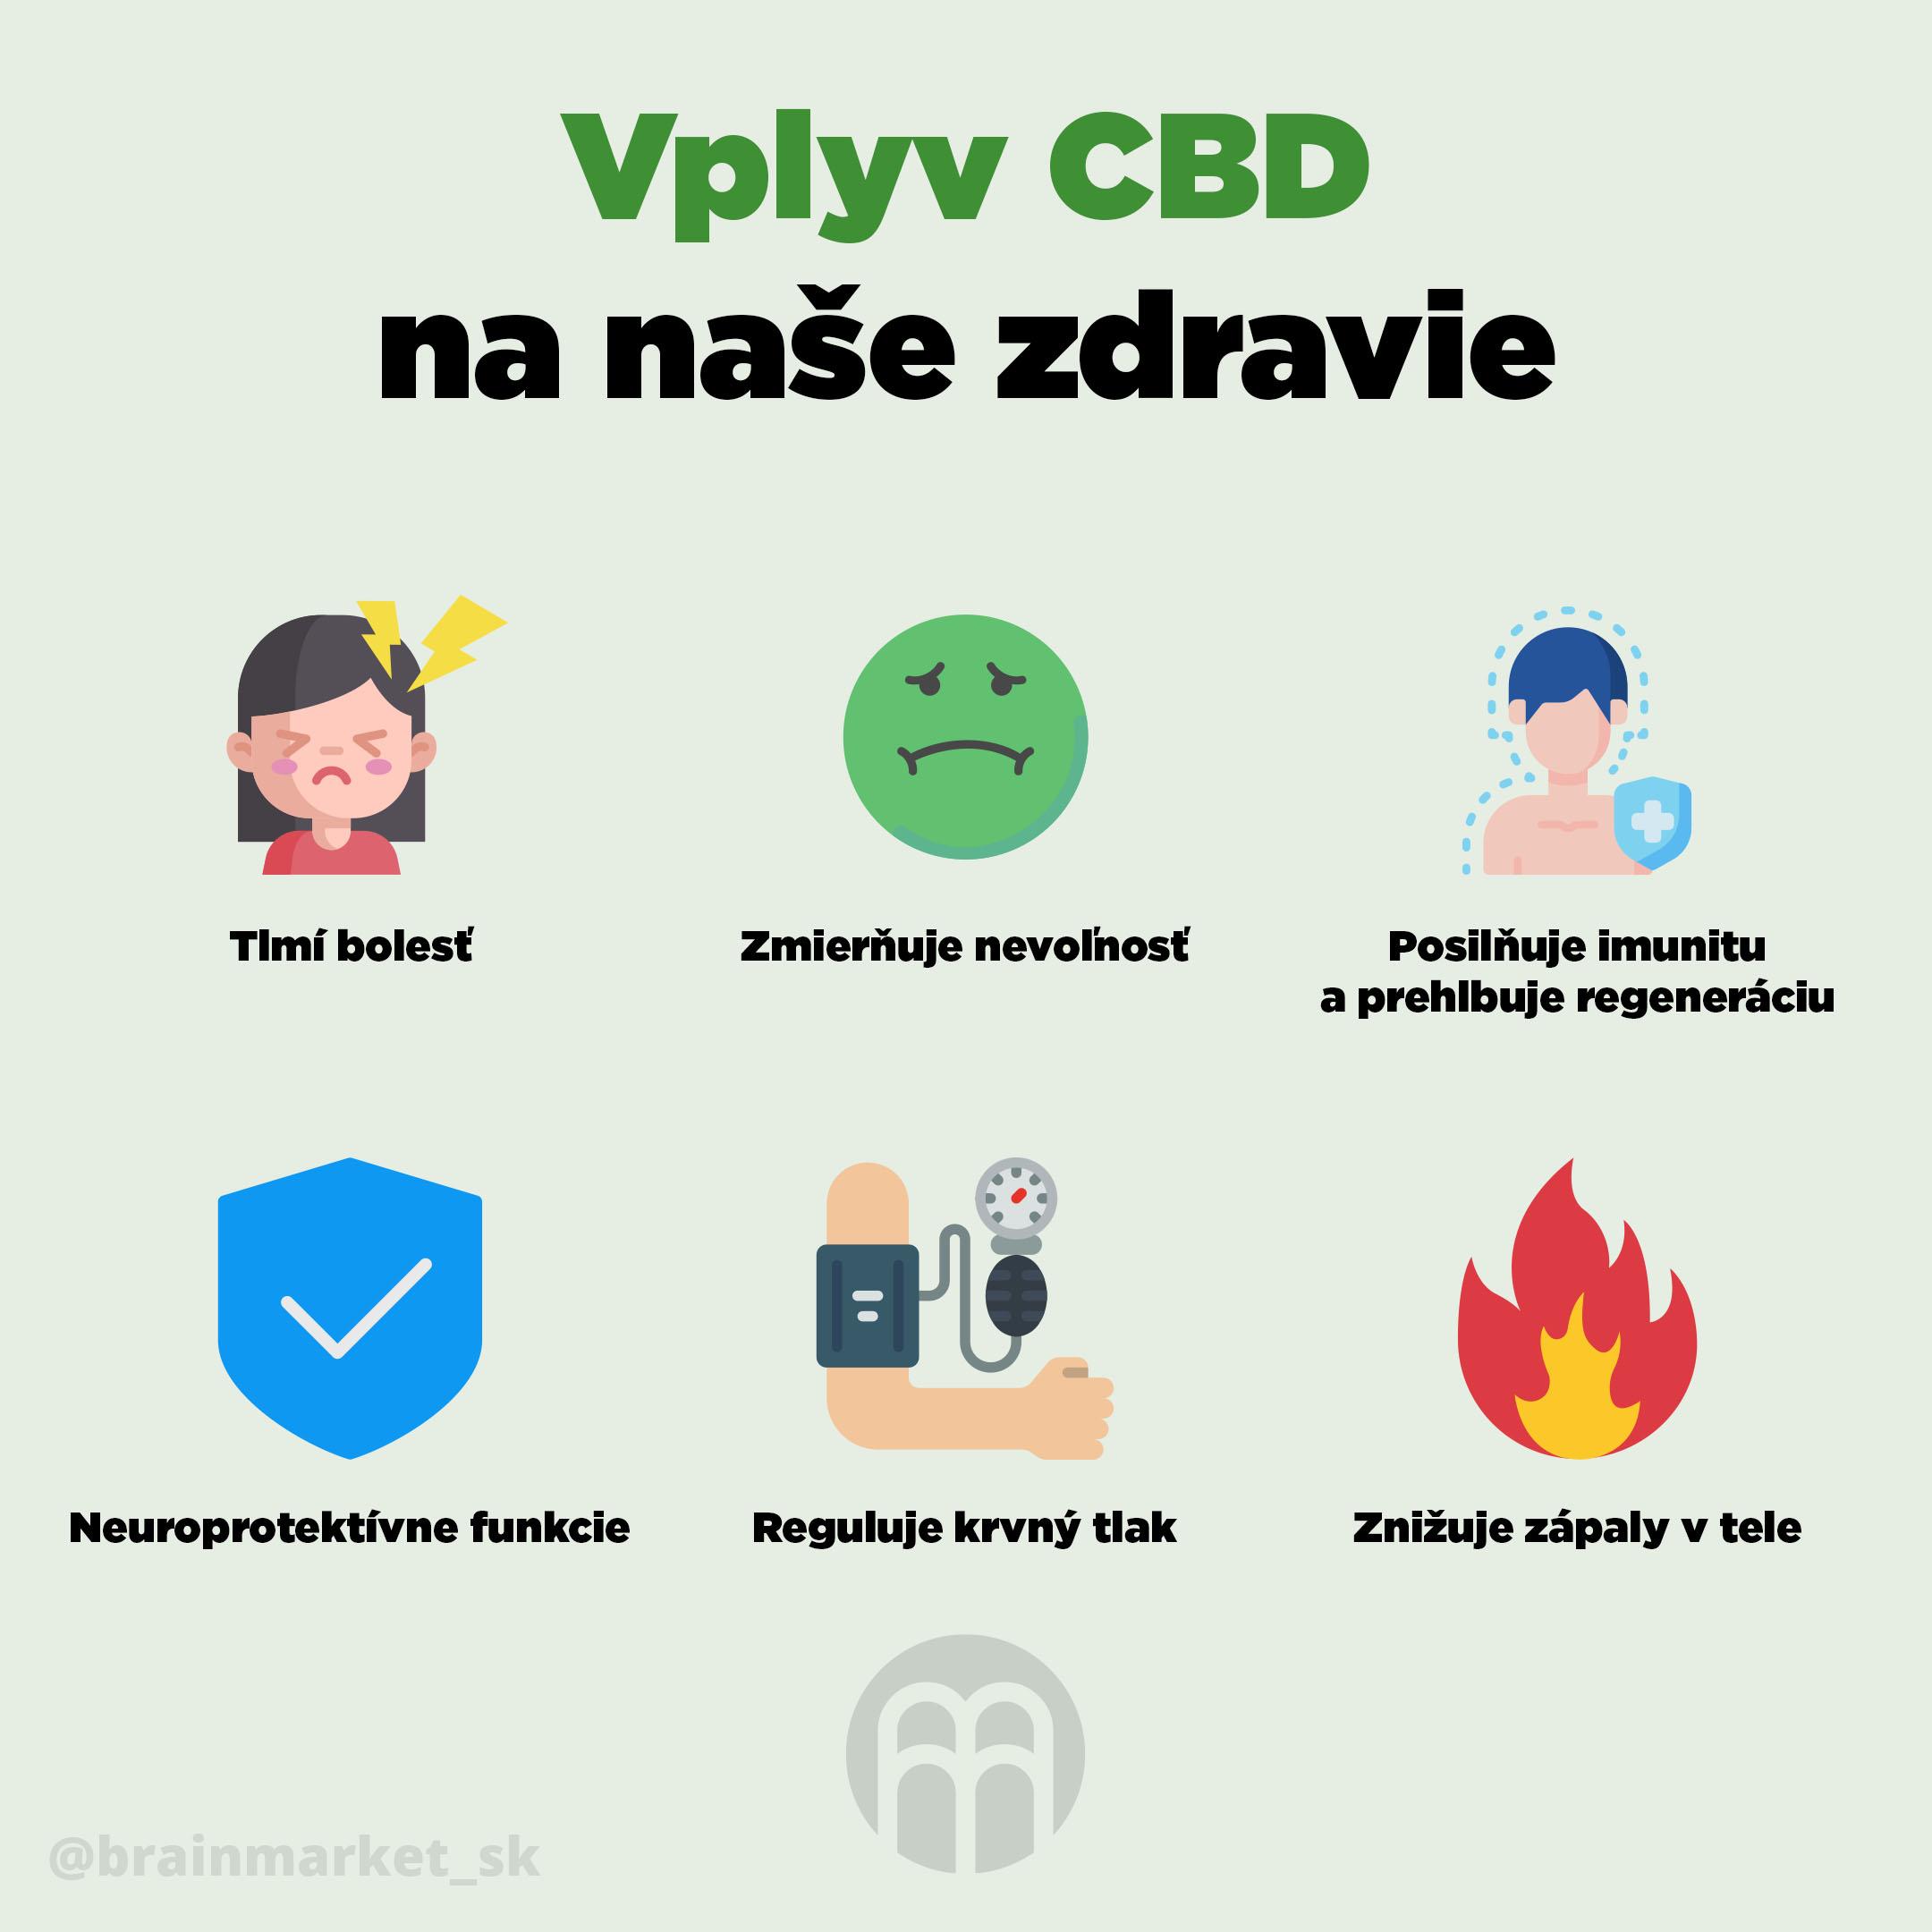 vliv_CBD_na_nase_zdravi_infografika_brainmarket_SK